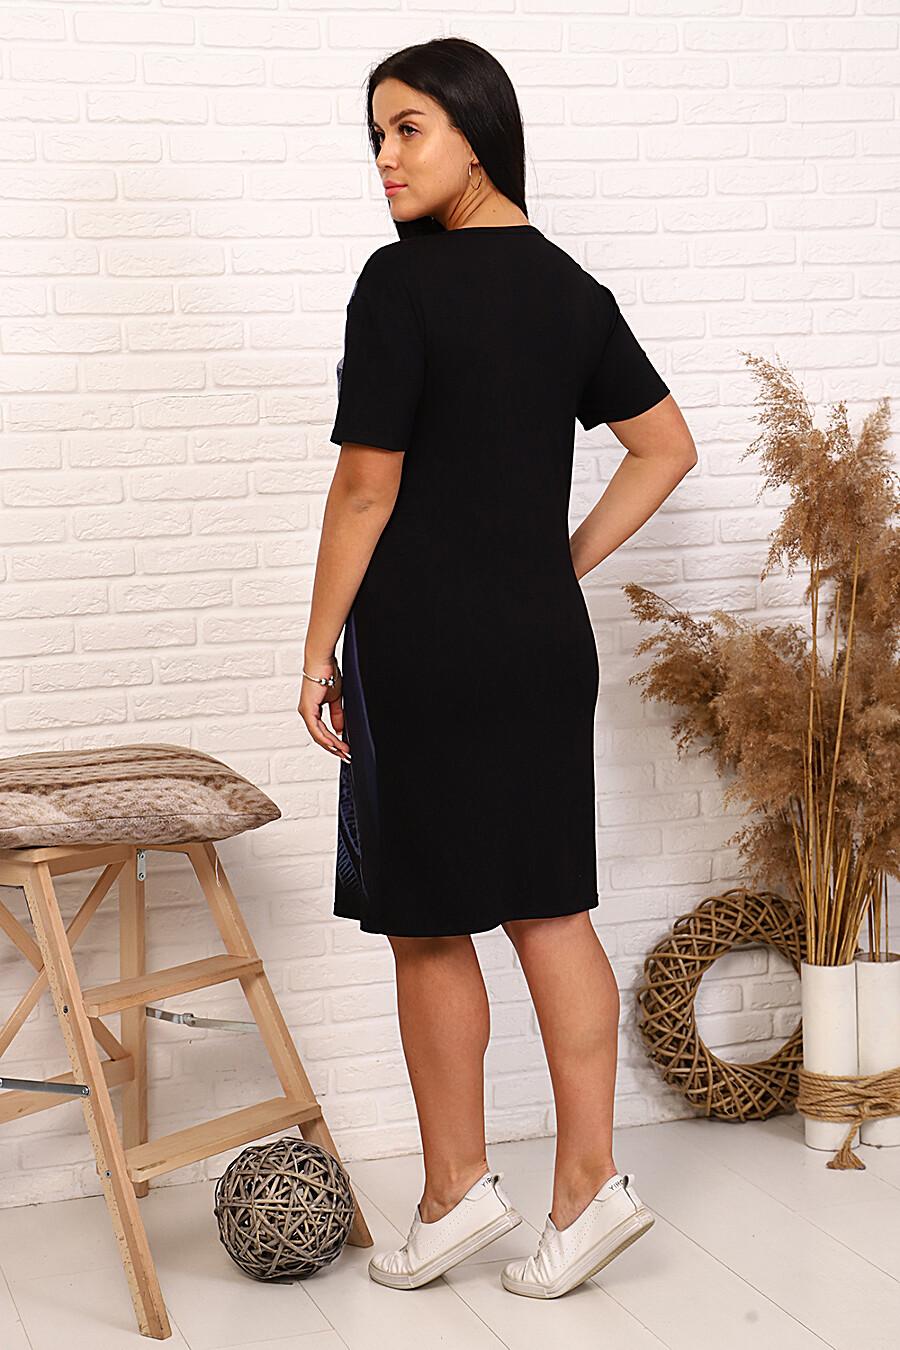 Туника 12761 для женщин НАТАЛИ 649278 купить оптом от производителя. Совместная покупка женской одежды в OptMoyo